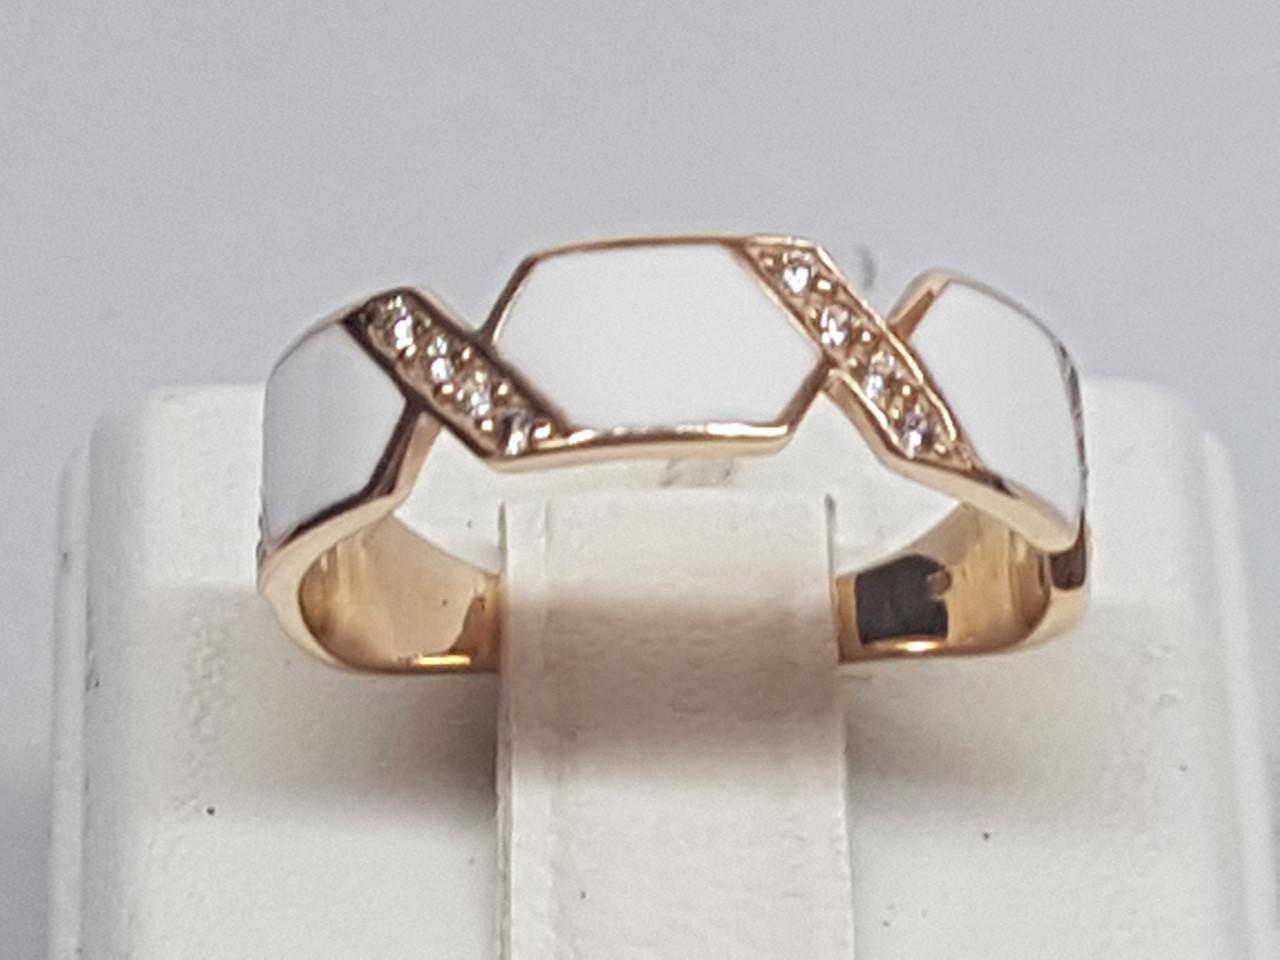 Золоте кільце з фіанітами і емаллю. Артикул 380148Е 19